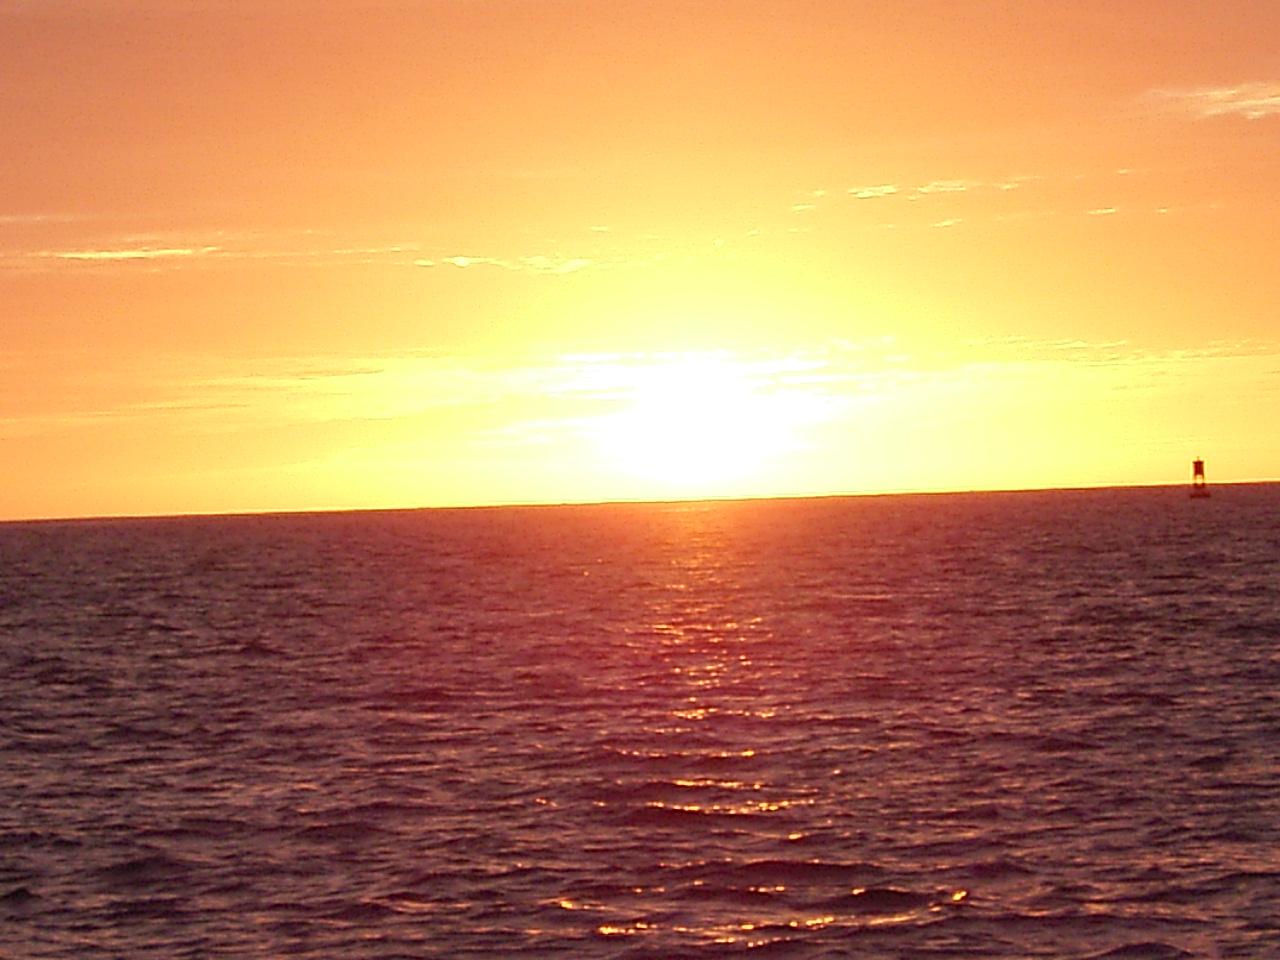 20190117_Guamでの夕焼け